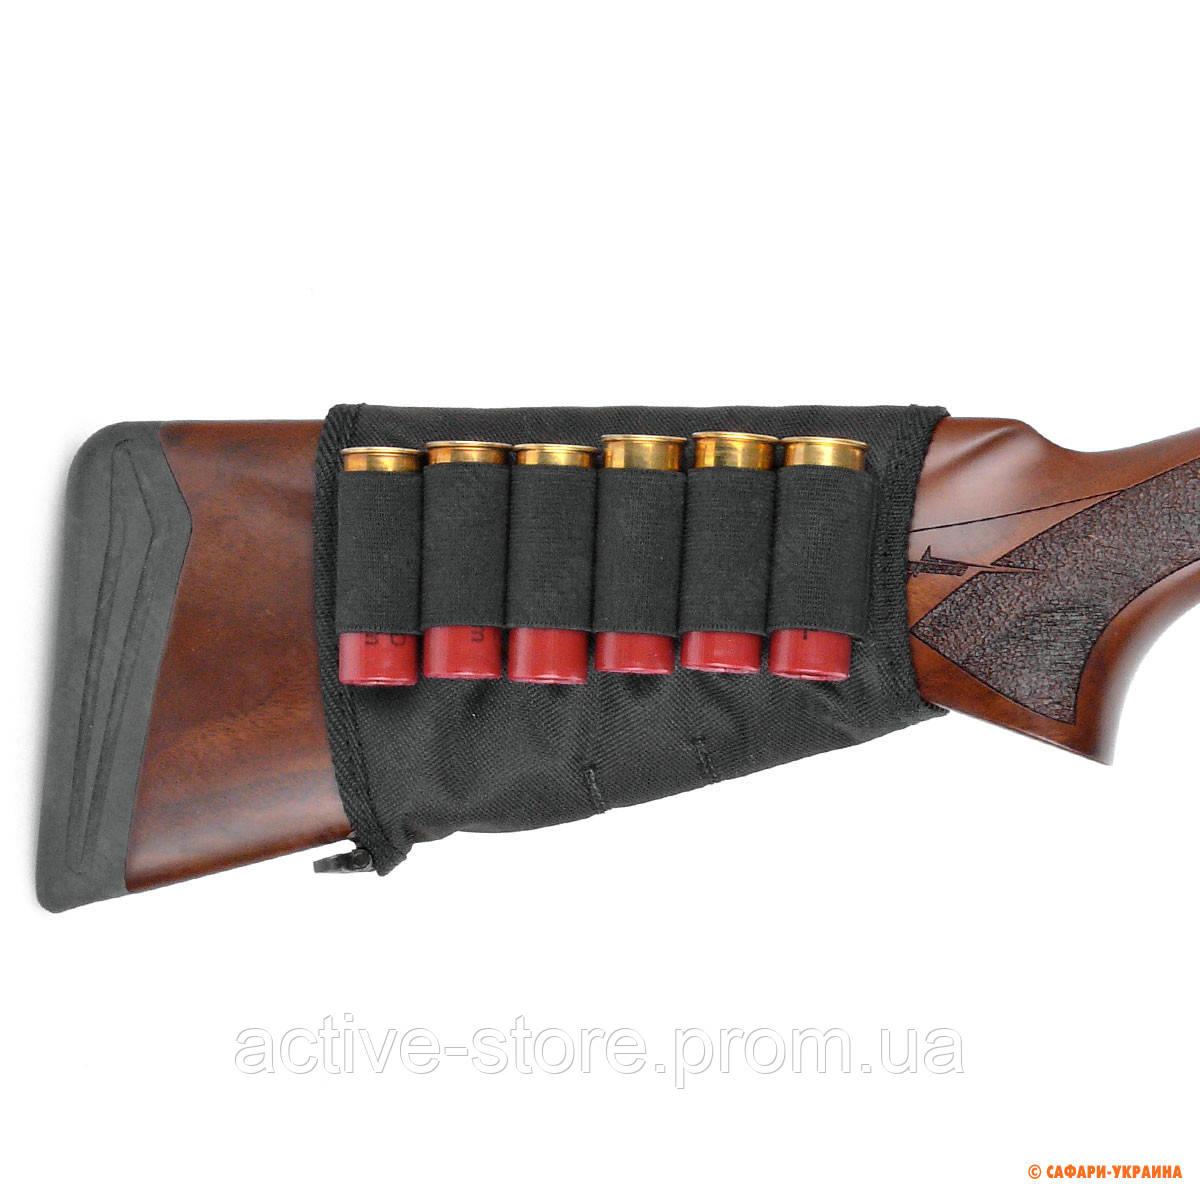 Патронташ на приклад Волмас, на 6 гладких патронов 12 калибра, на липучке - Active-Store — товары для активных людей в Киеве